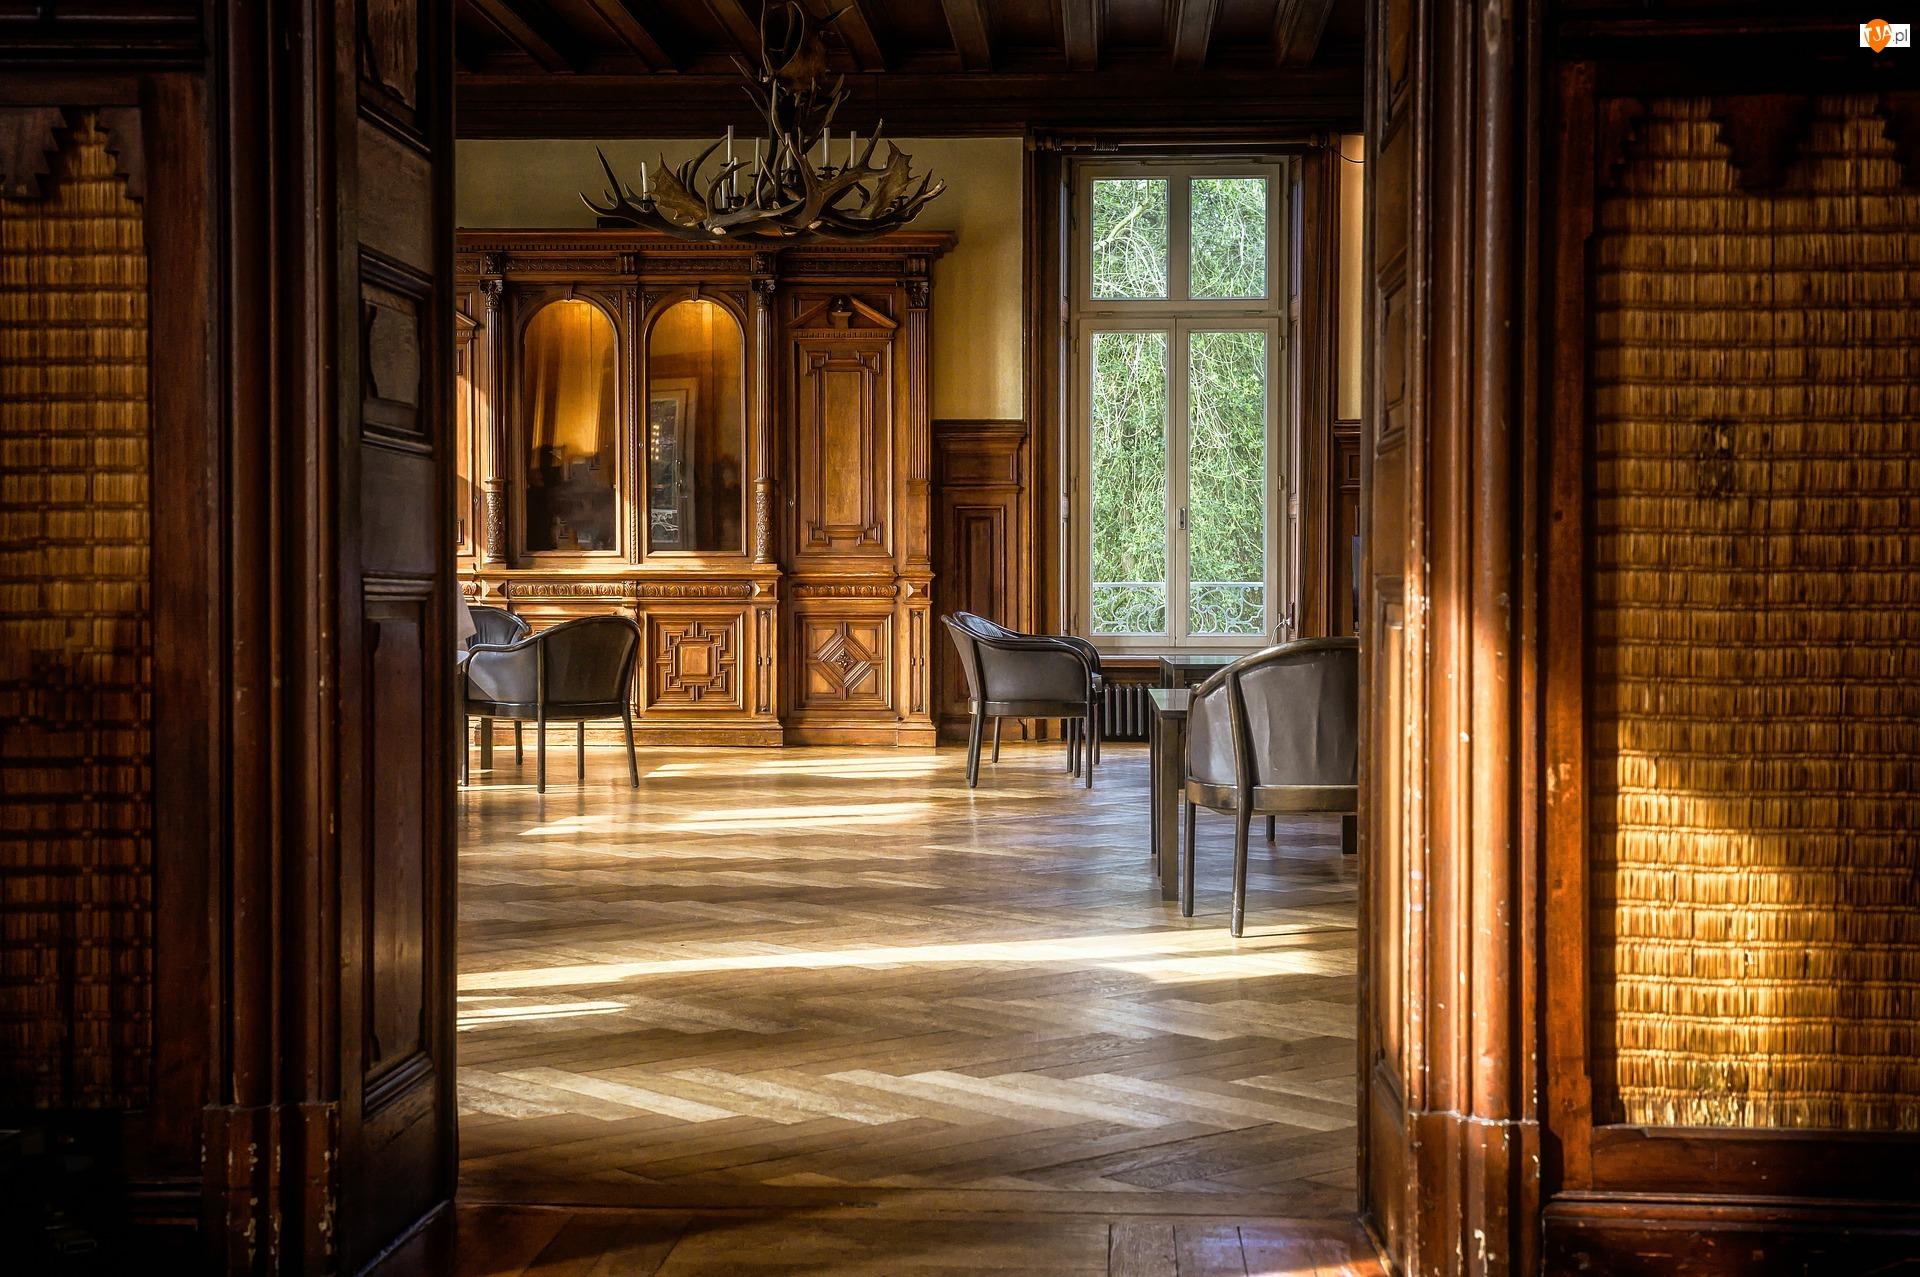 Wnętrze, Pokój, Stare, Antyki, Podłoga, Meble